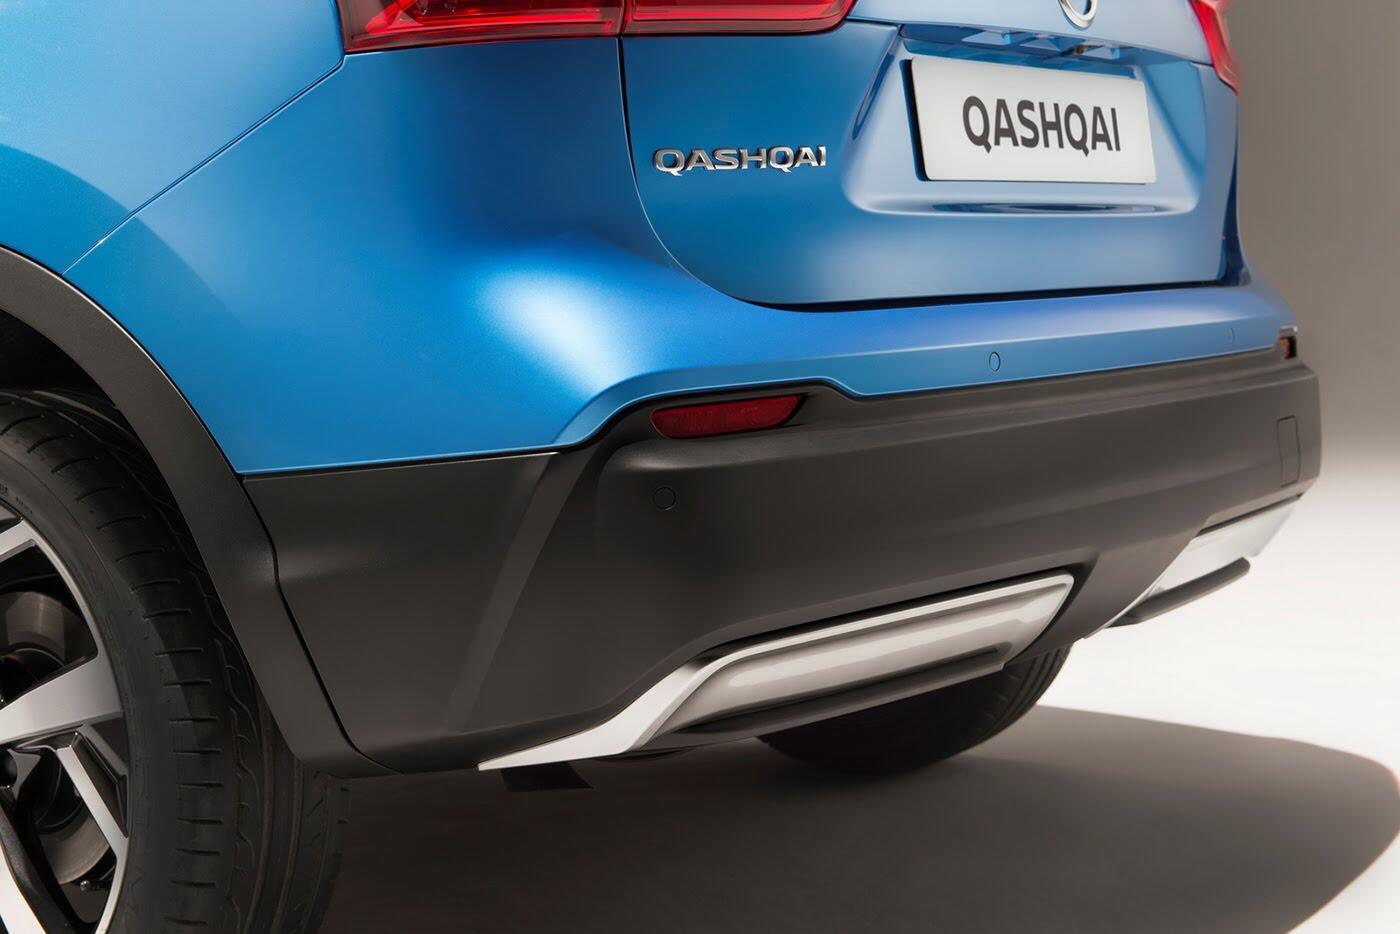 """Nissan Qashqai 2017 chính thức """"mở bán"""", giá hơn 25.000 USD - Hình 10"""